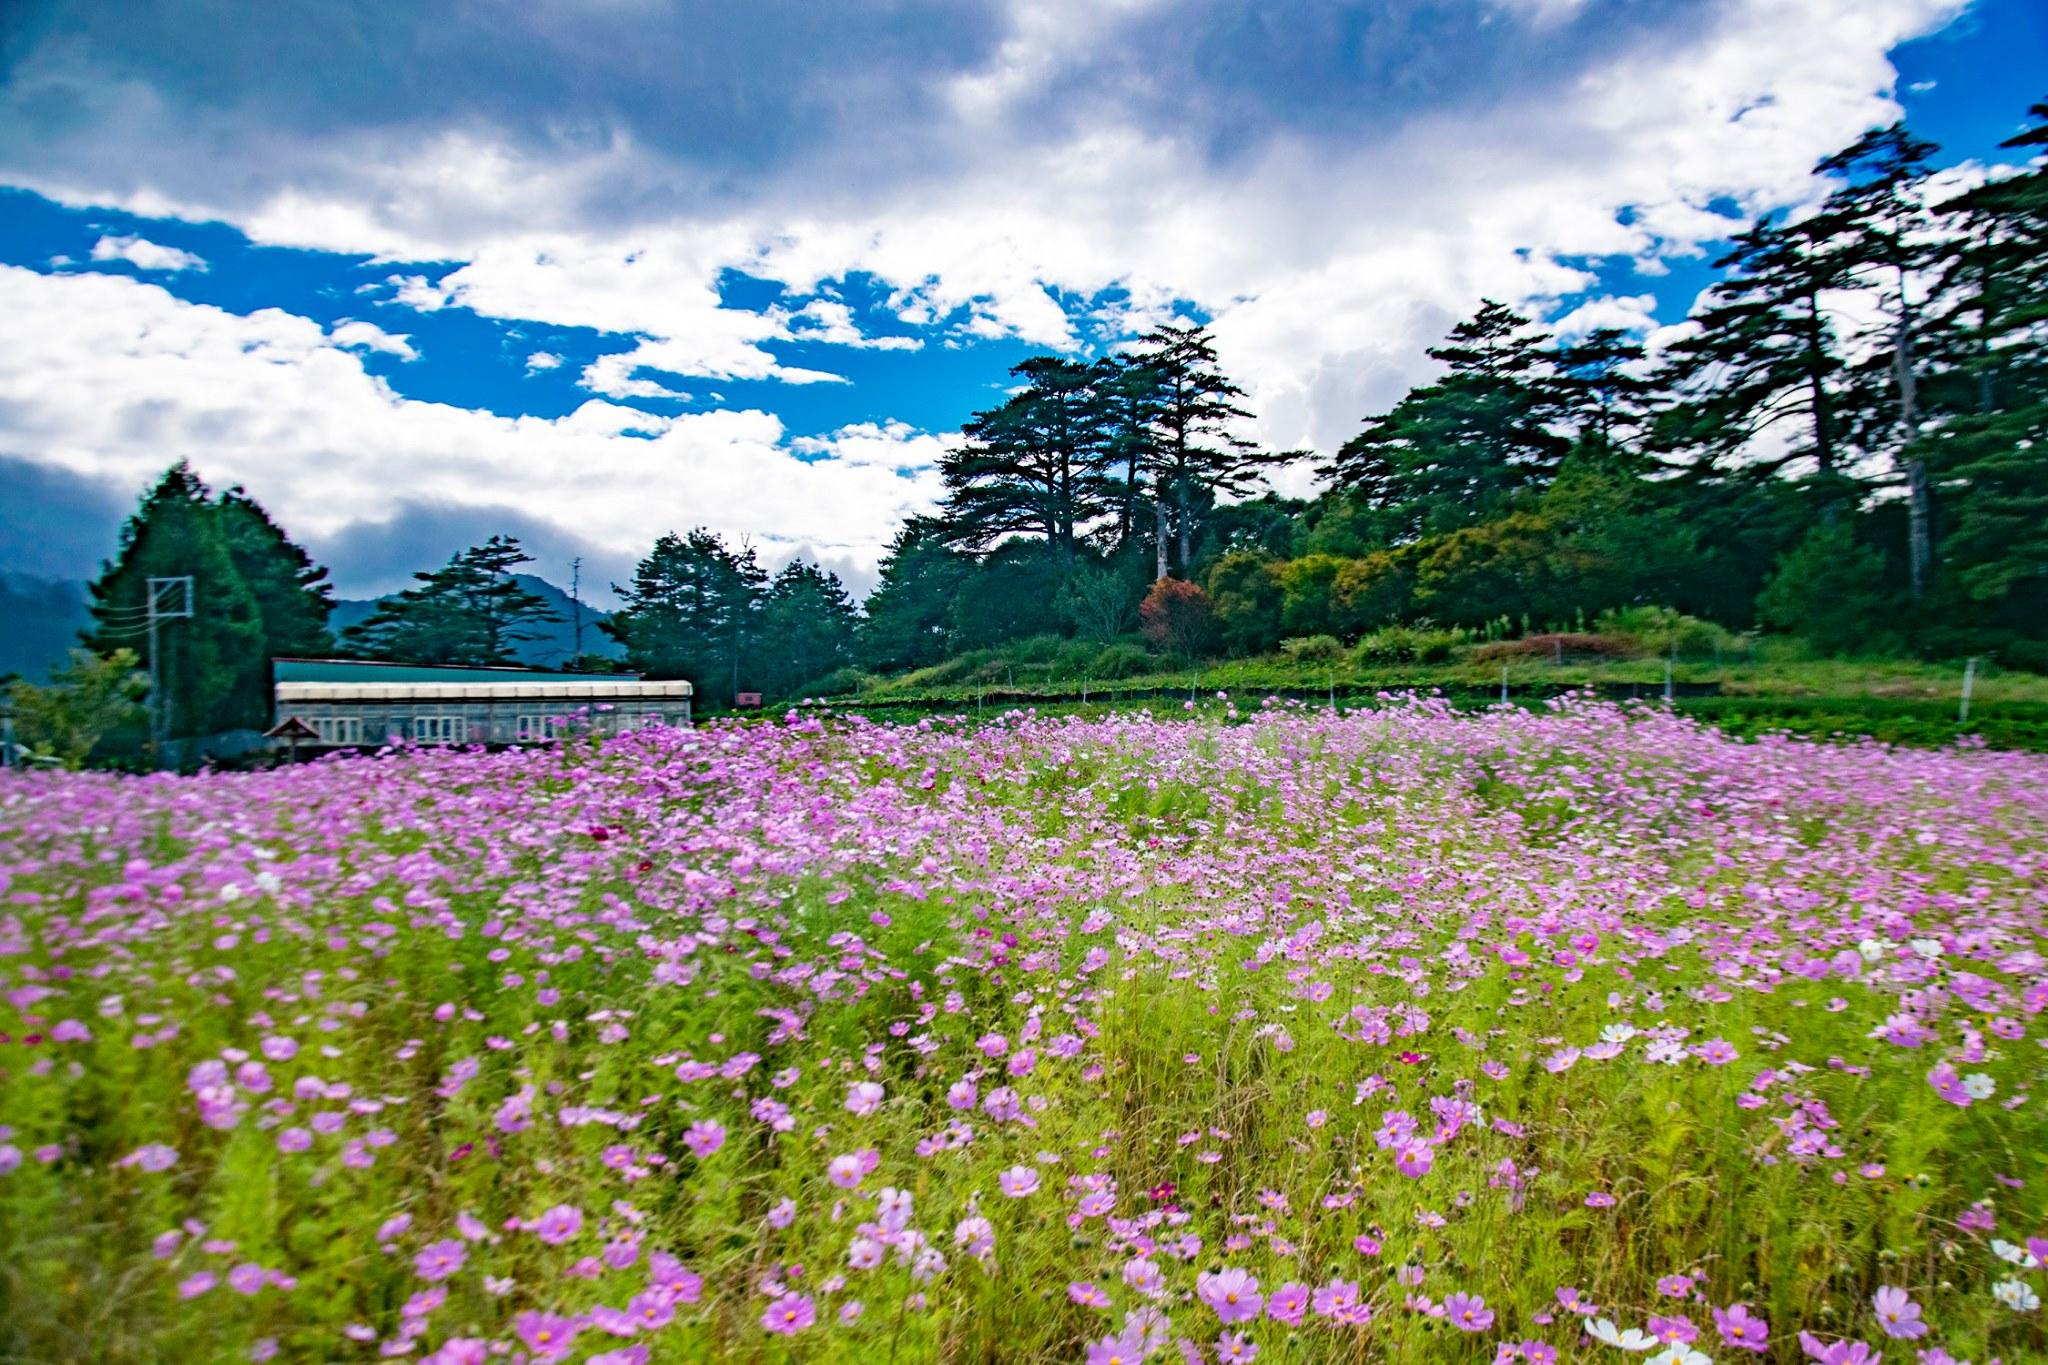 福壽山農場每年9月中旬波斯菊花海粉嫩優美,猶如闖入粉紅仙境。圖/福壽山農場臉書粉絲專頁